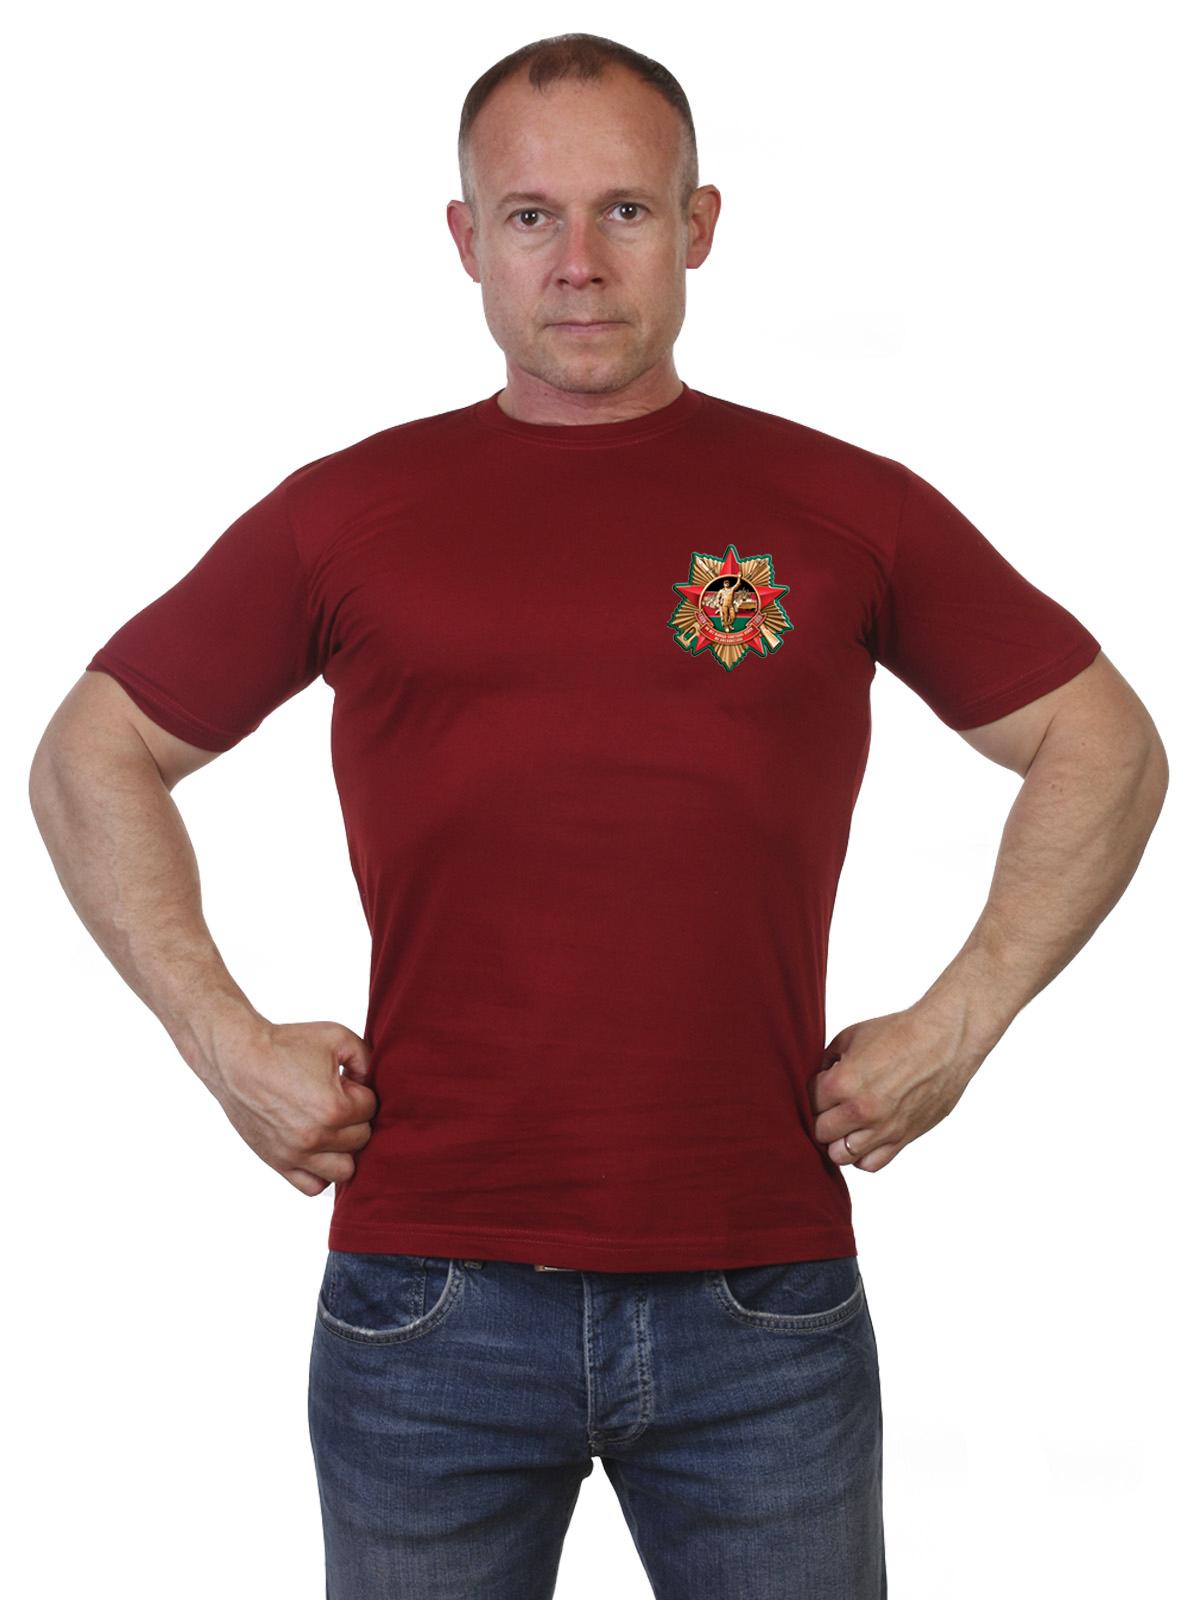 Красная футболка с термотрансфером Афганистан